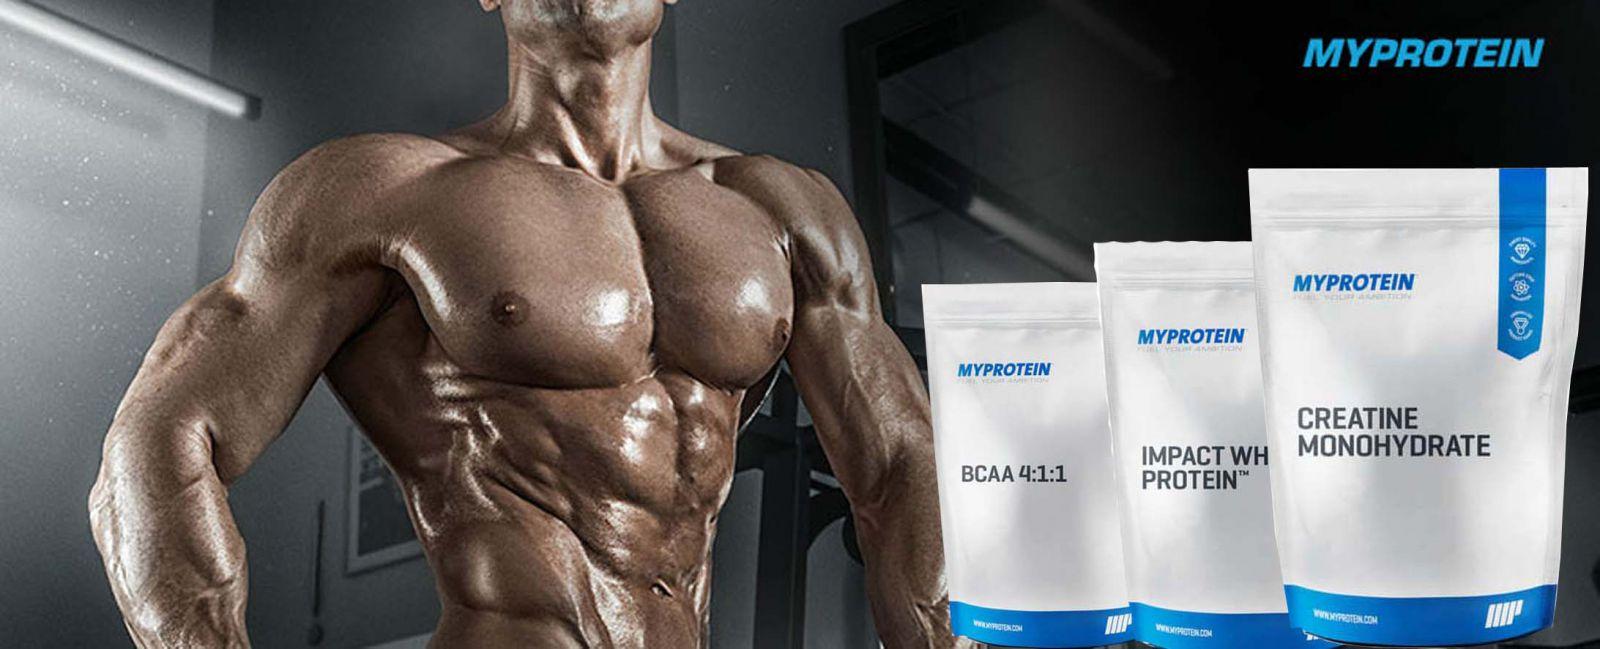 Спортивное питание myprotein: отзывы о продукции